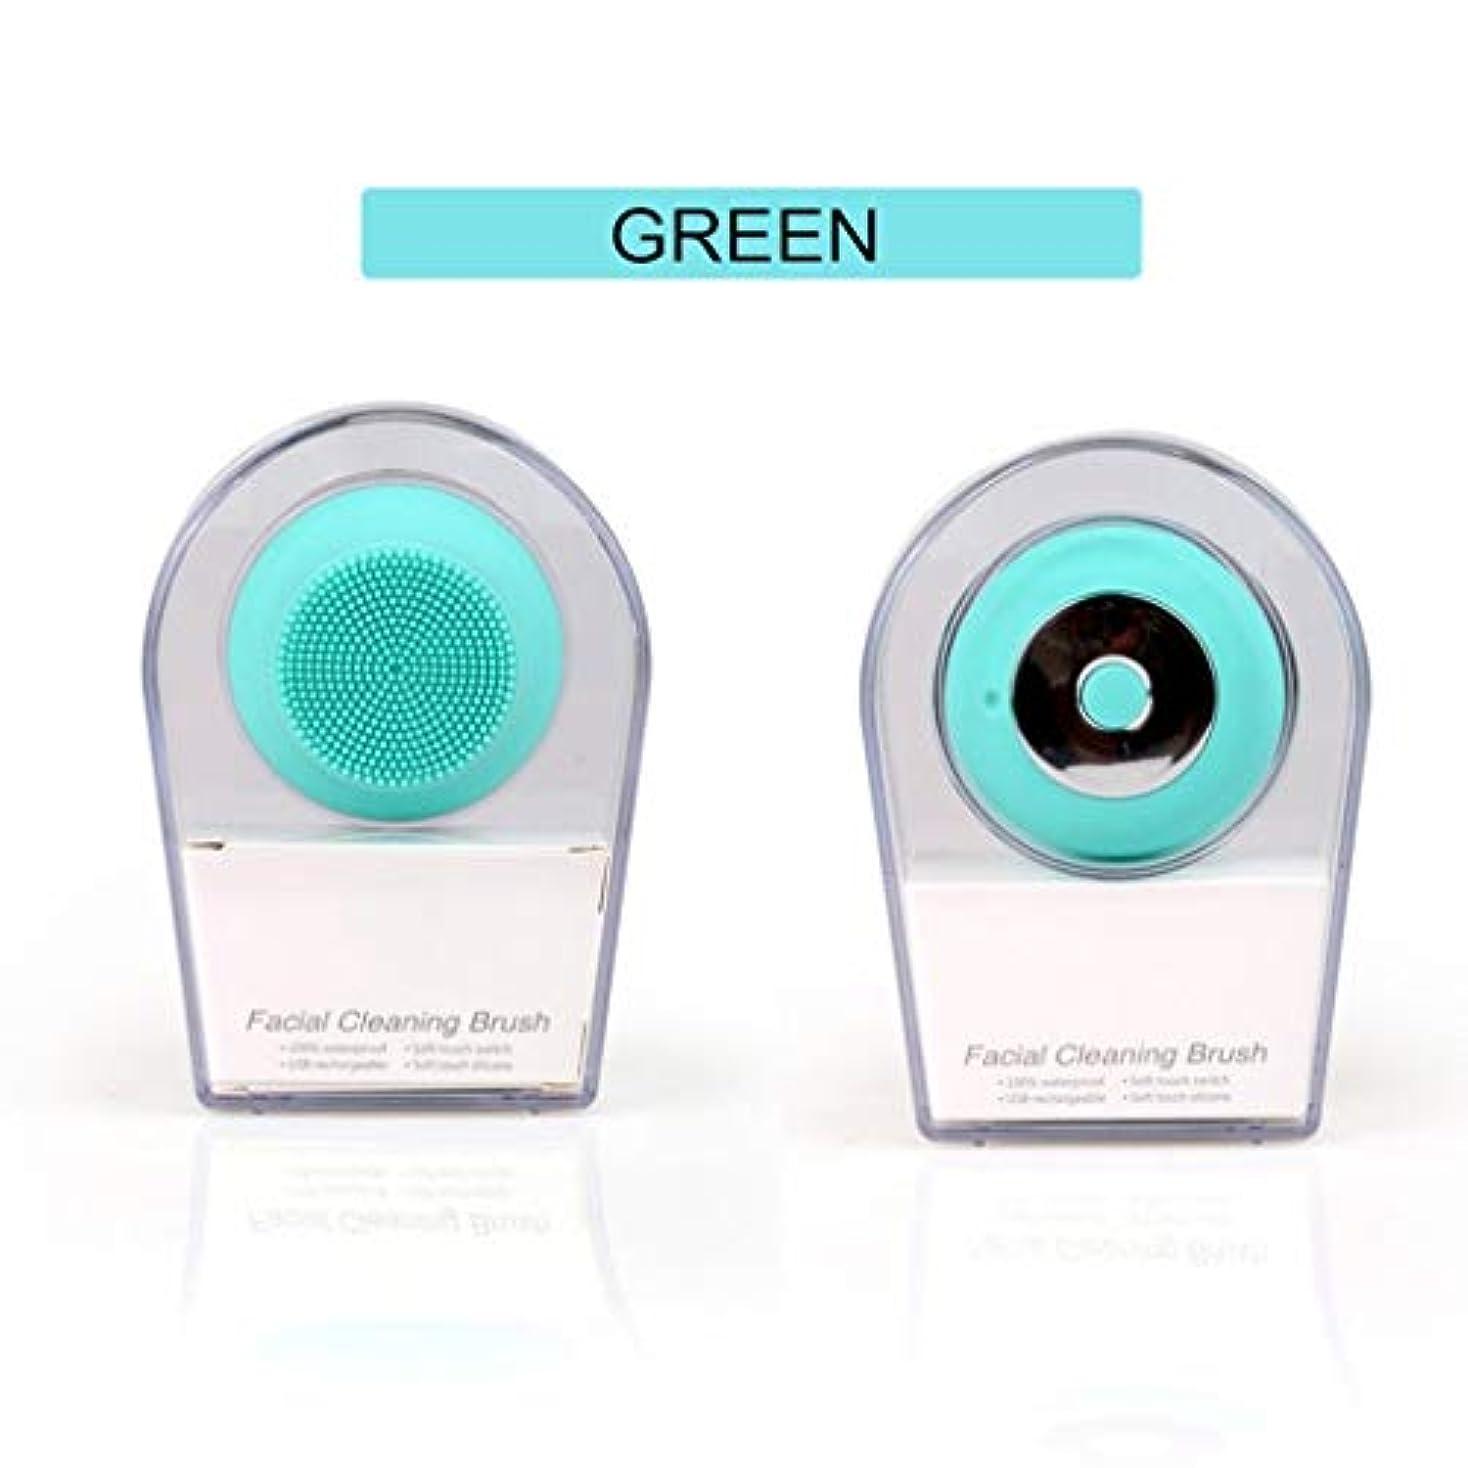 疑いピストルエンジンソニックフェイシャルクレンジングブラシ、電動ビューティーマッサージブラシフェイシャルクレンジングポータブルバイブレーションマッサージ機器ディープクレンジング穏やかな角質除去ブラックヘッドの除去 (Color : Green)